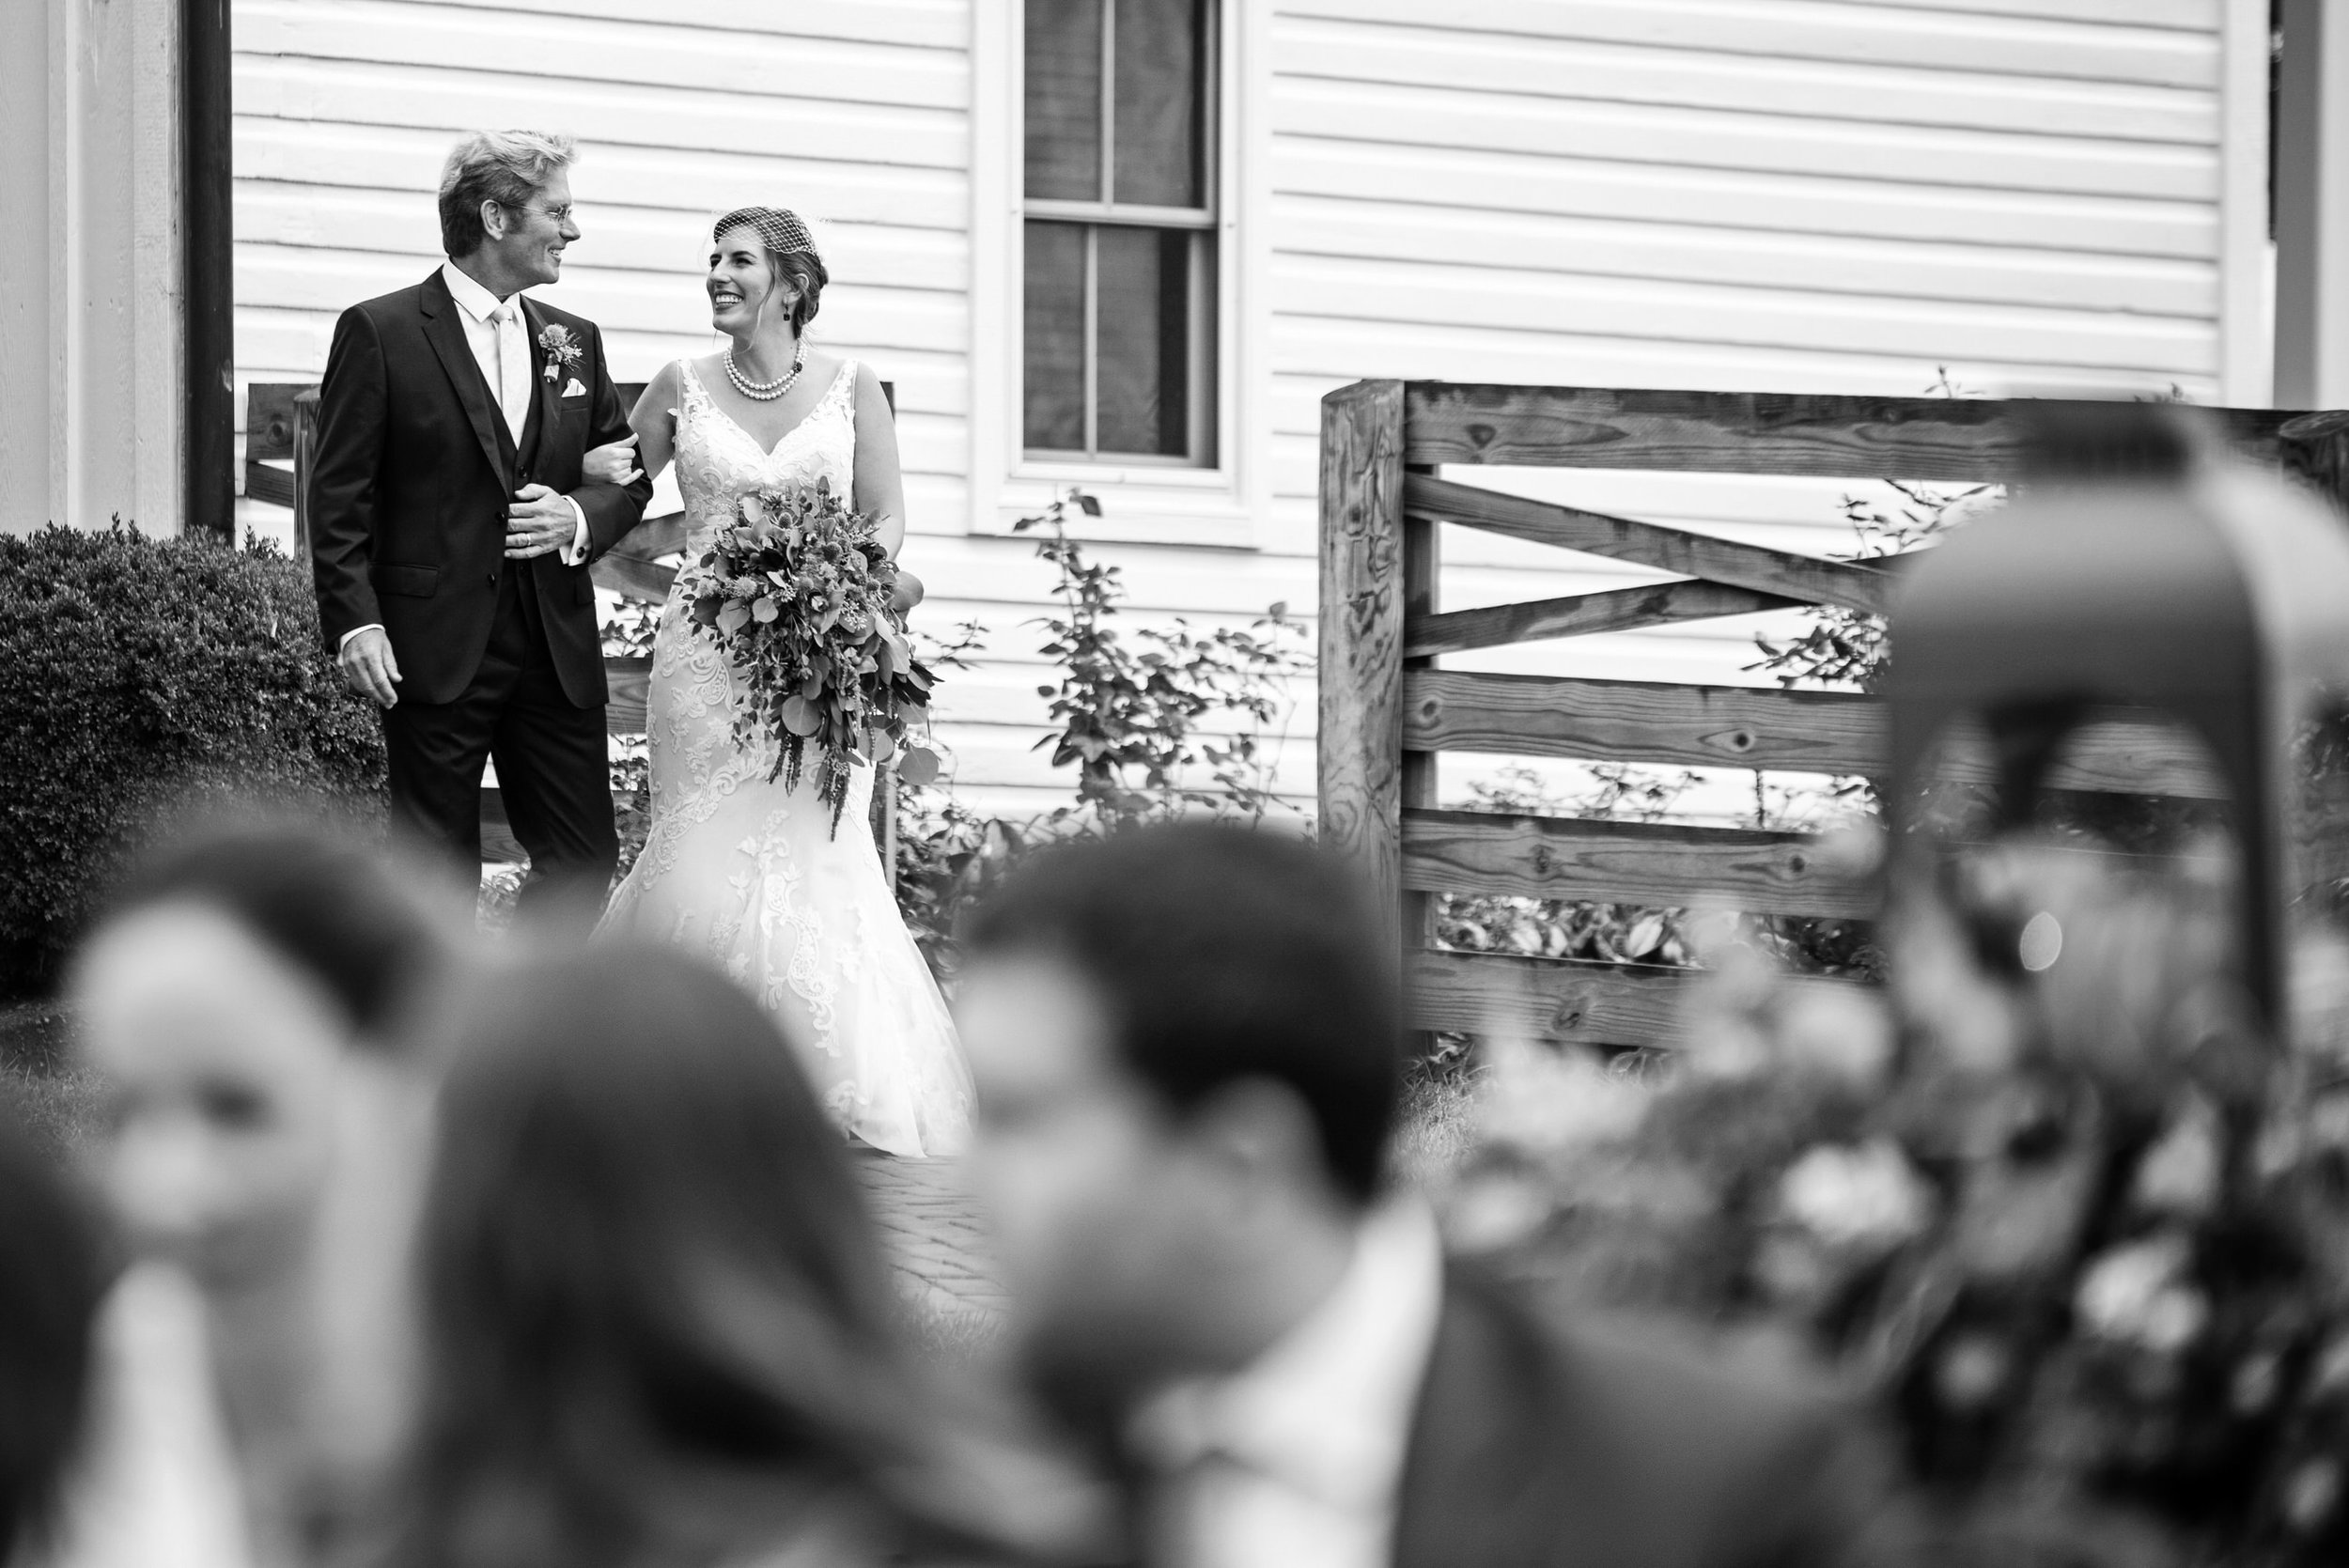 WalkersOverlookWedding-Angela&Ben-Ceremony-11.jpg